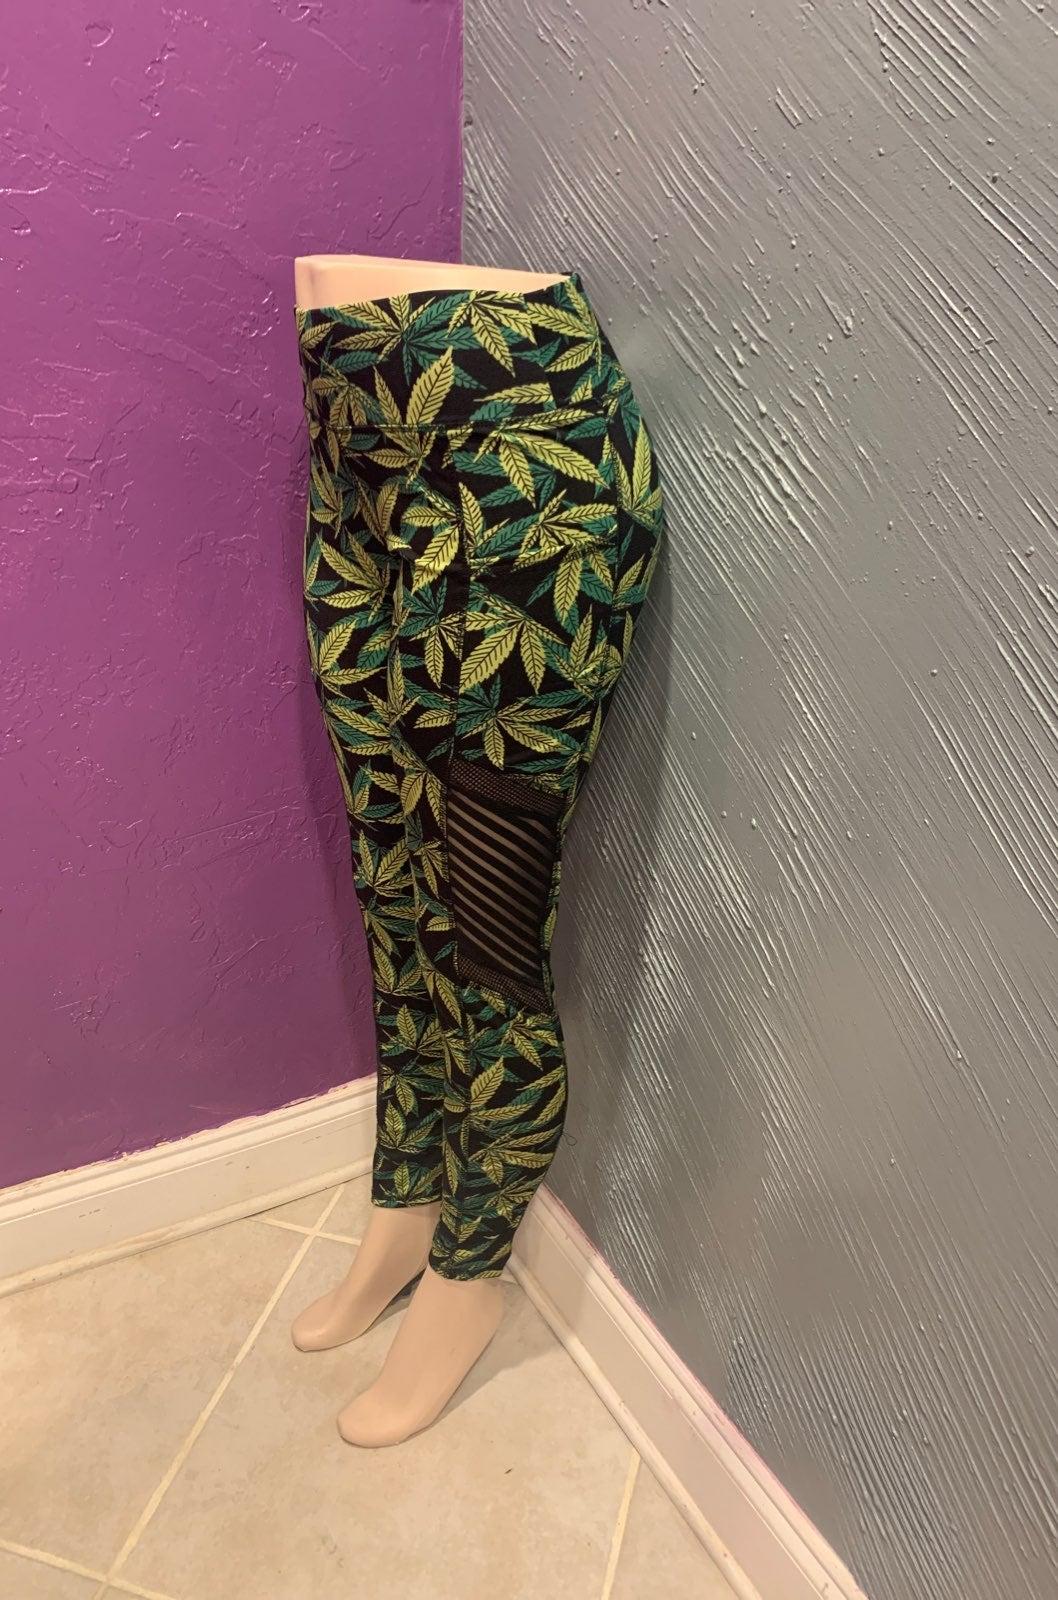 MJ Leaf fashion mesh leggings S/M